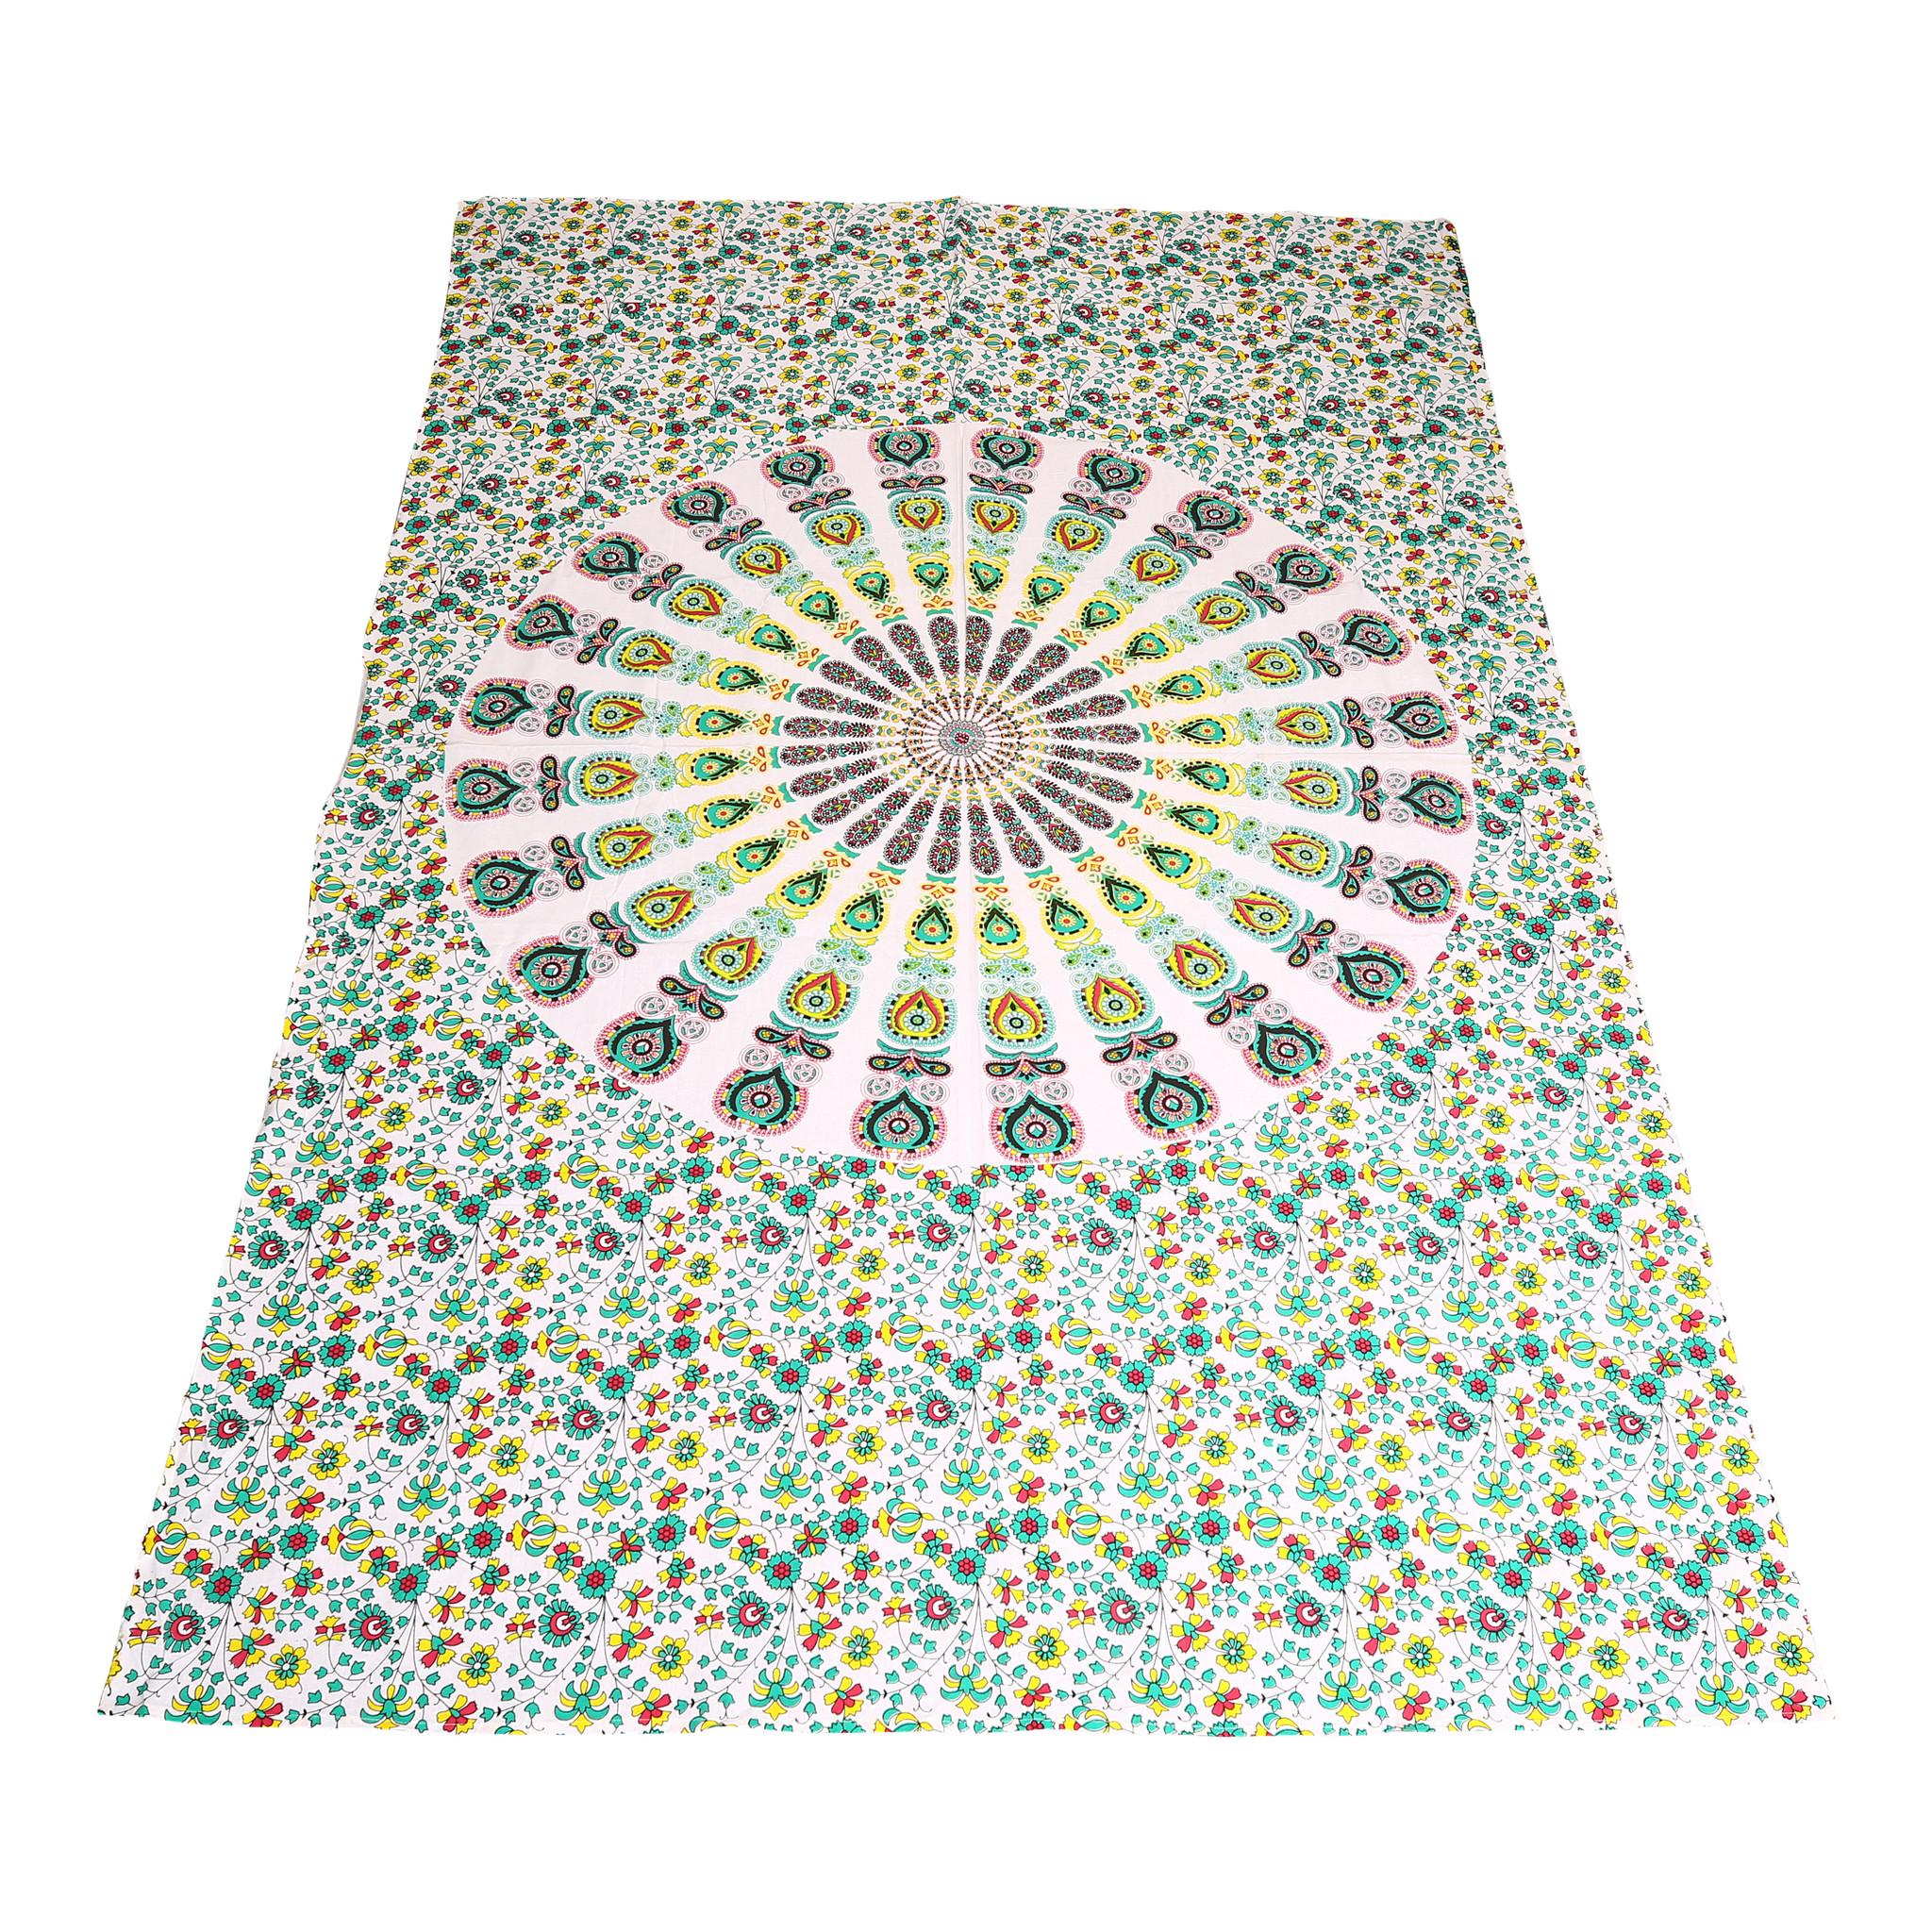 Myroundie Myroundie – roundie  - rechthoekig strandlaken – strandkleed - yoga kleed - picknickkleed - speelkleed - muurkleed - 100% katoen  - 140 x 210 cm - 805